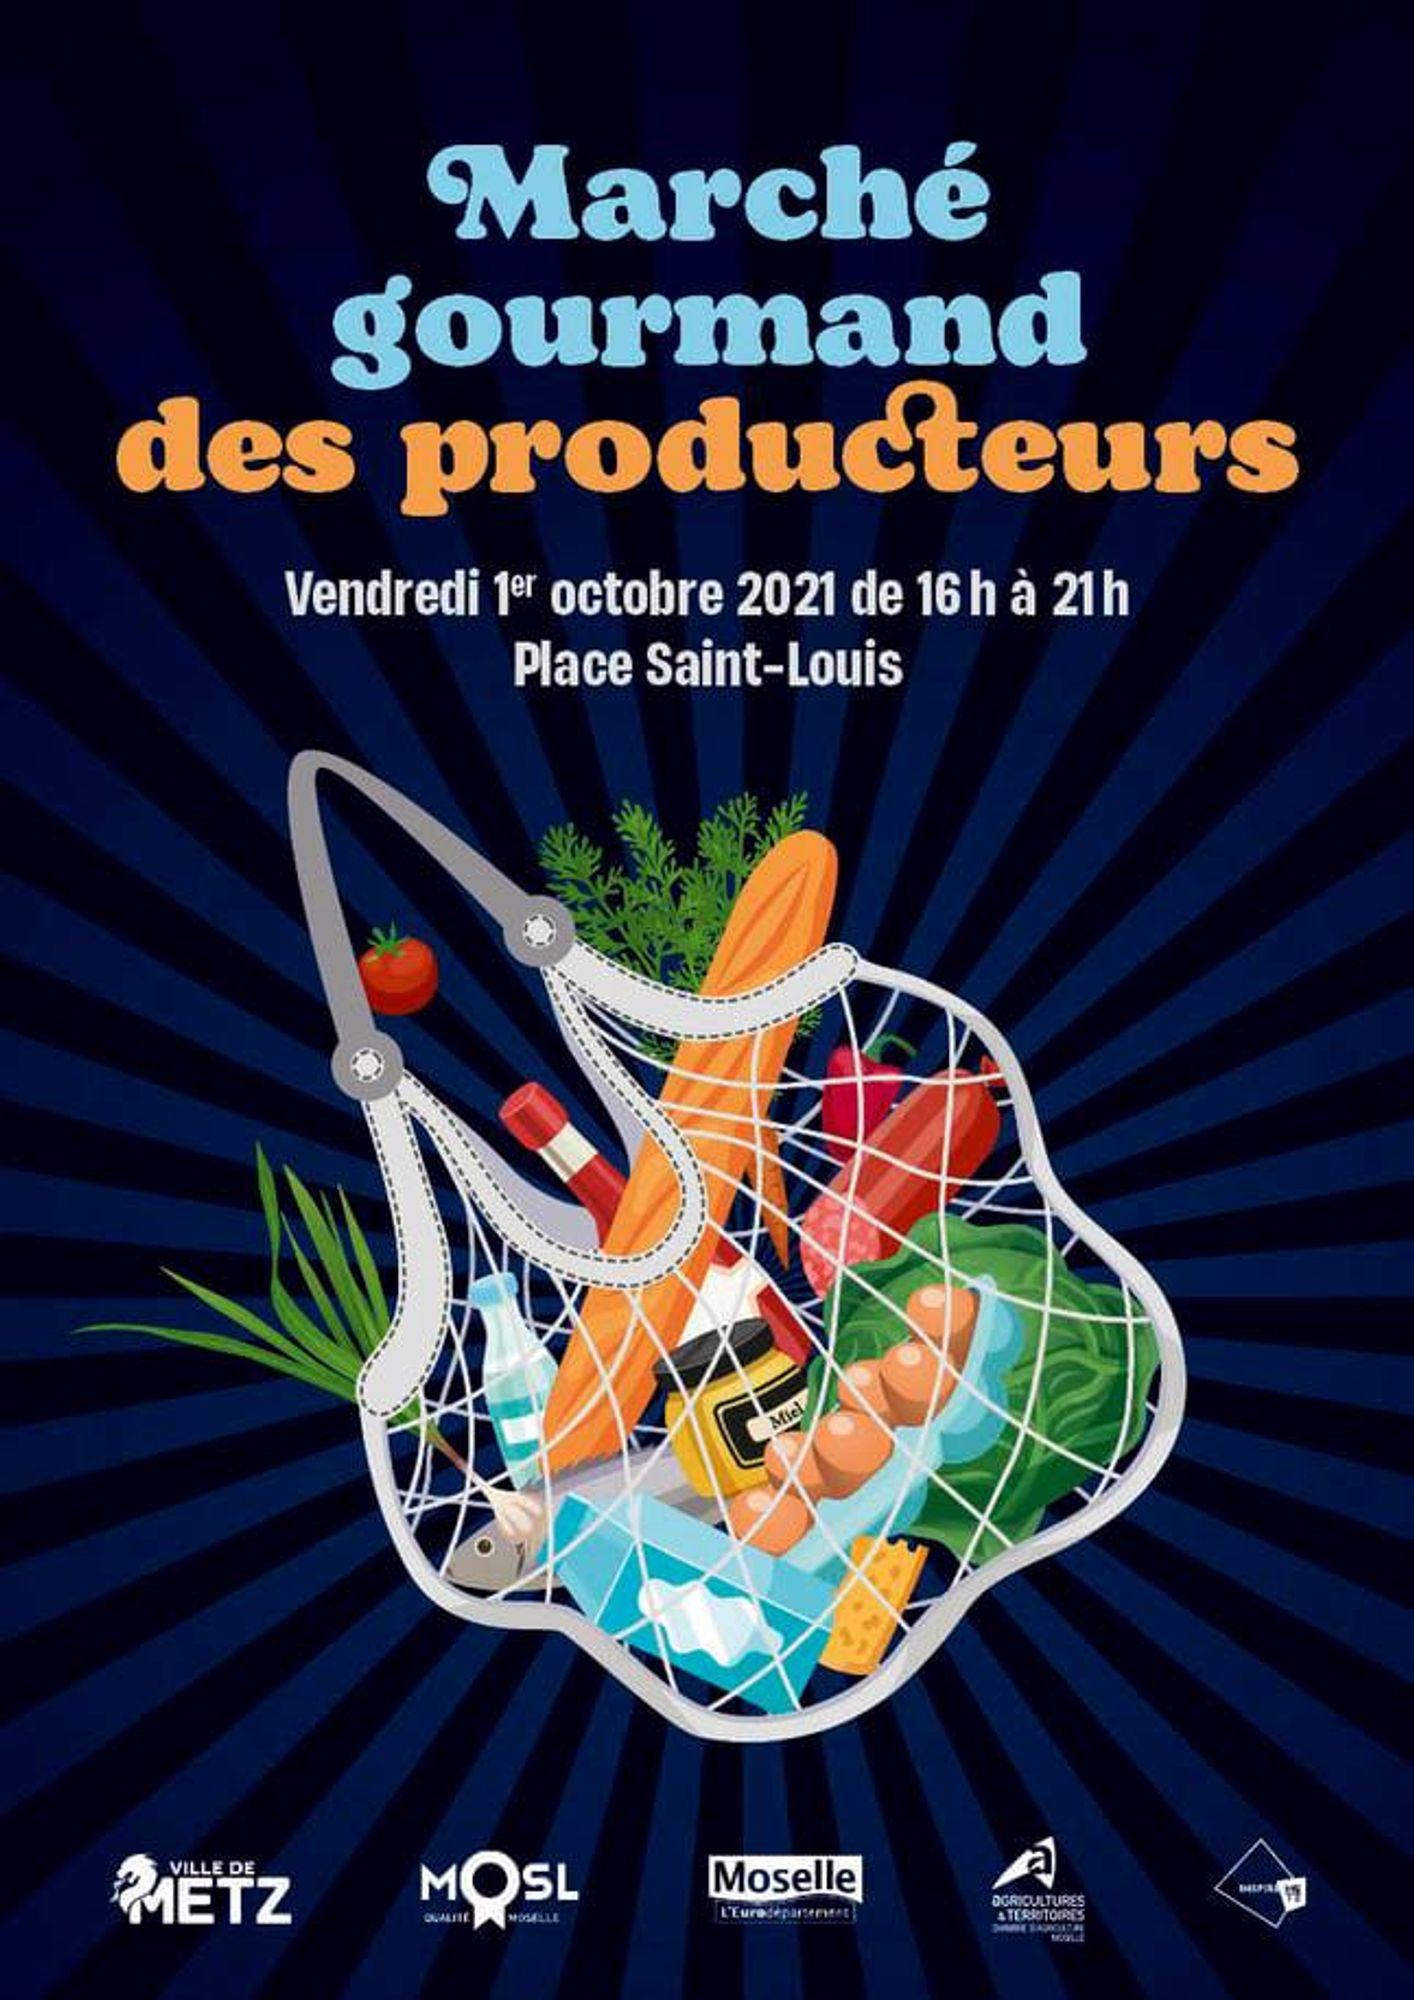 Le « Marché Gourmand des producteurs » aura lieu ce vendredi 1er octobre